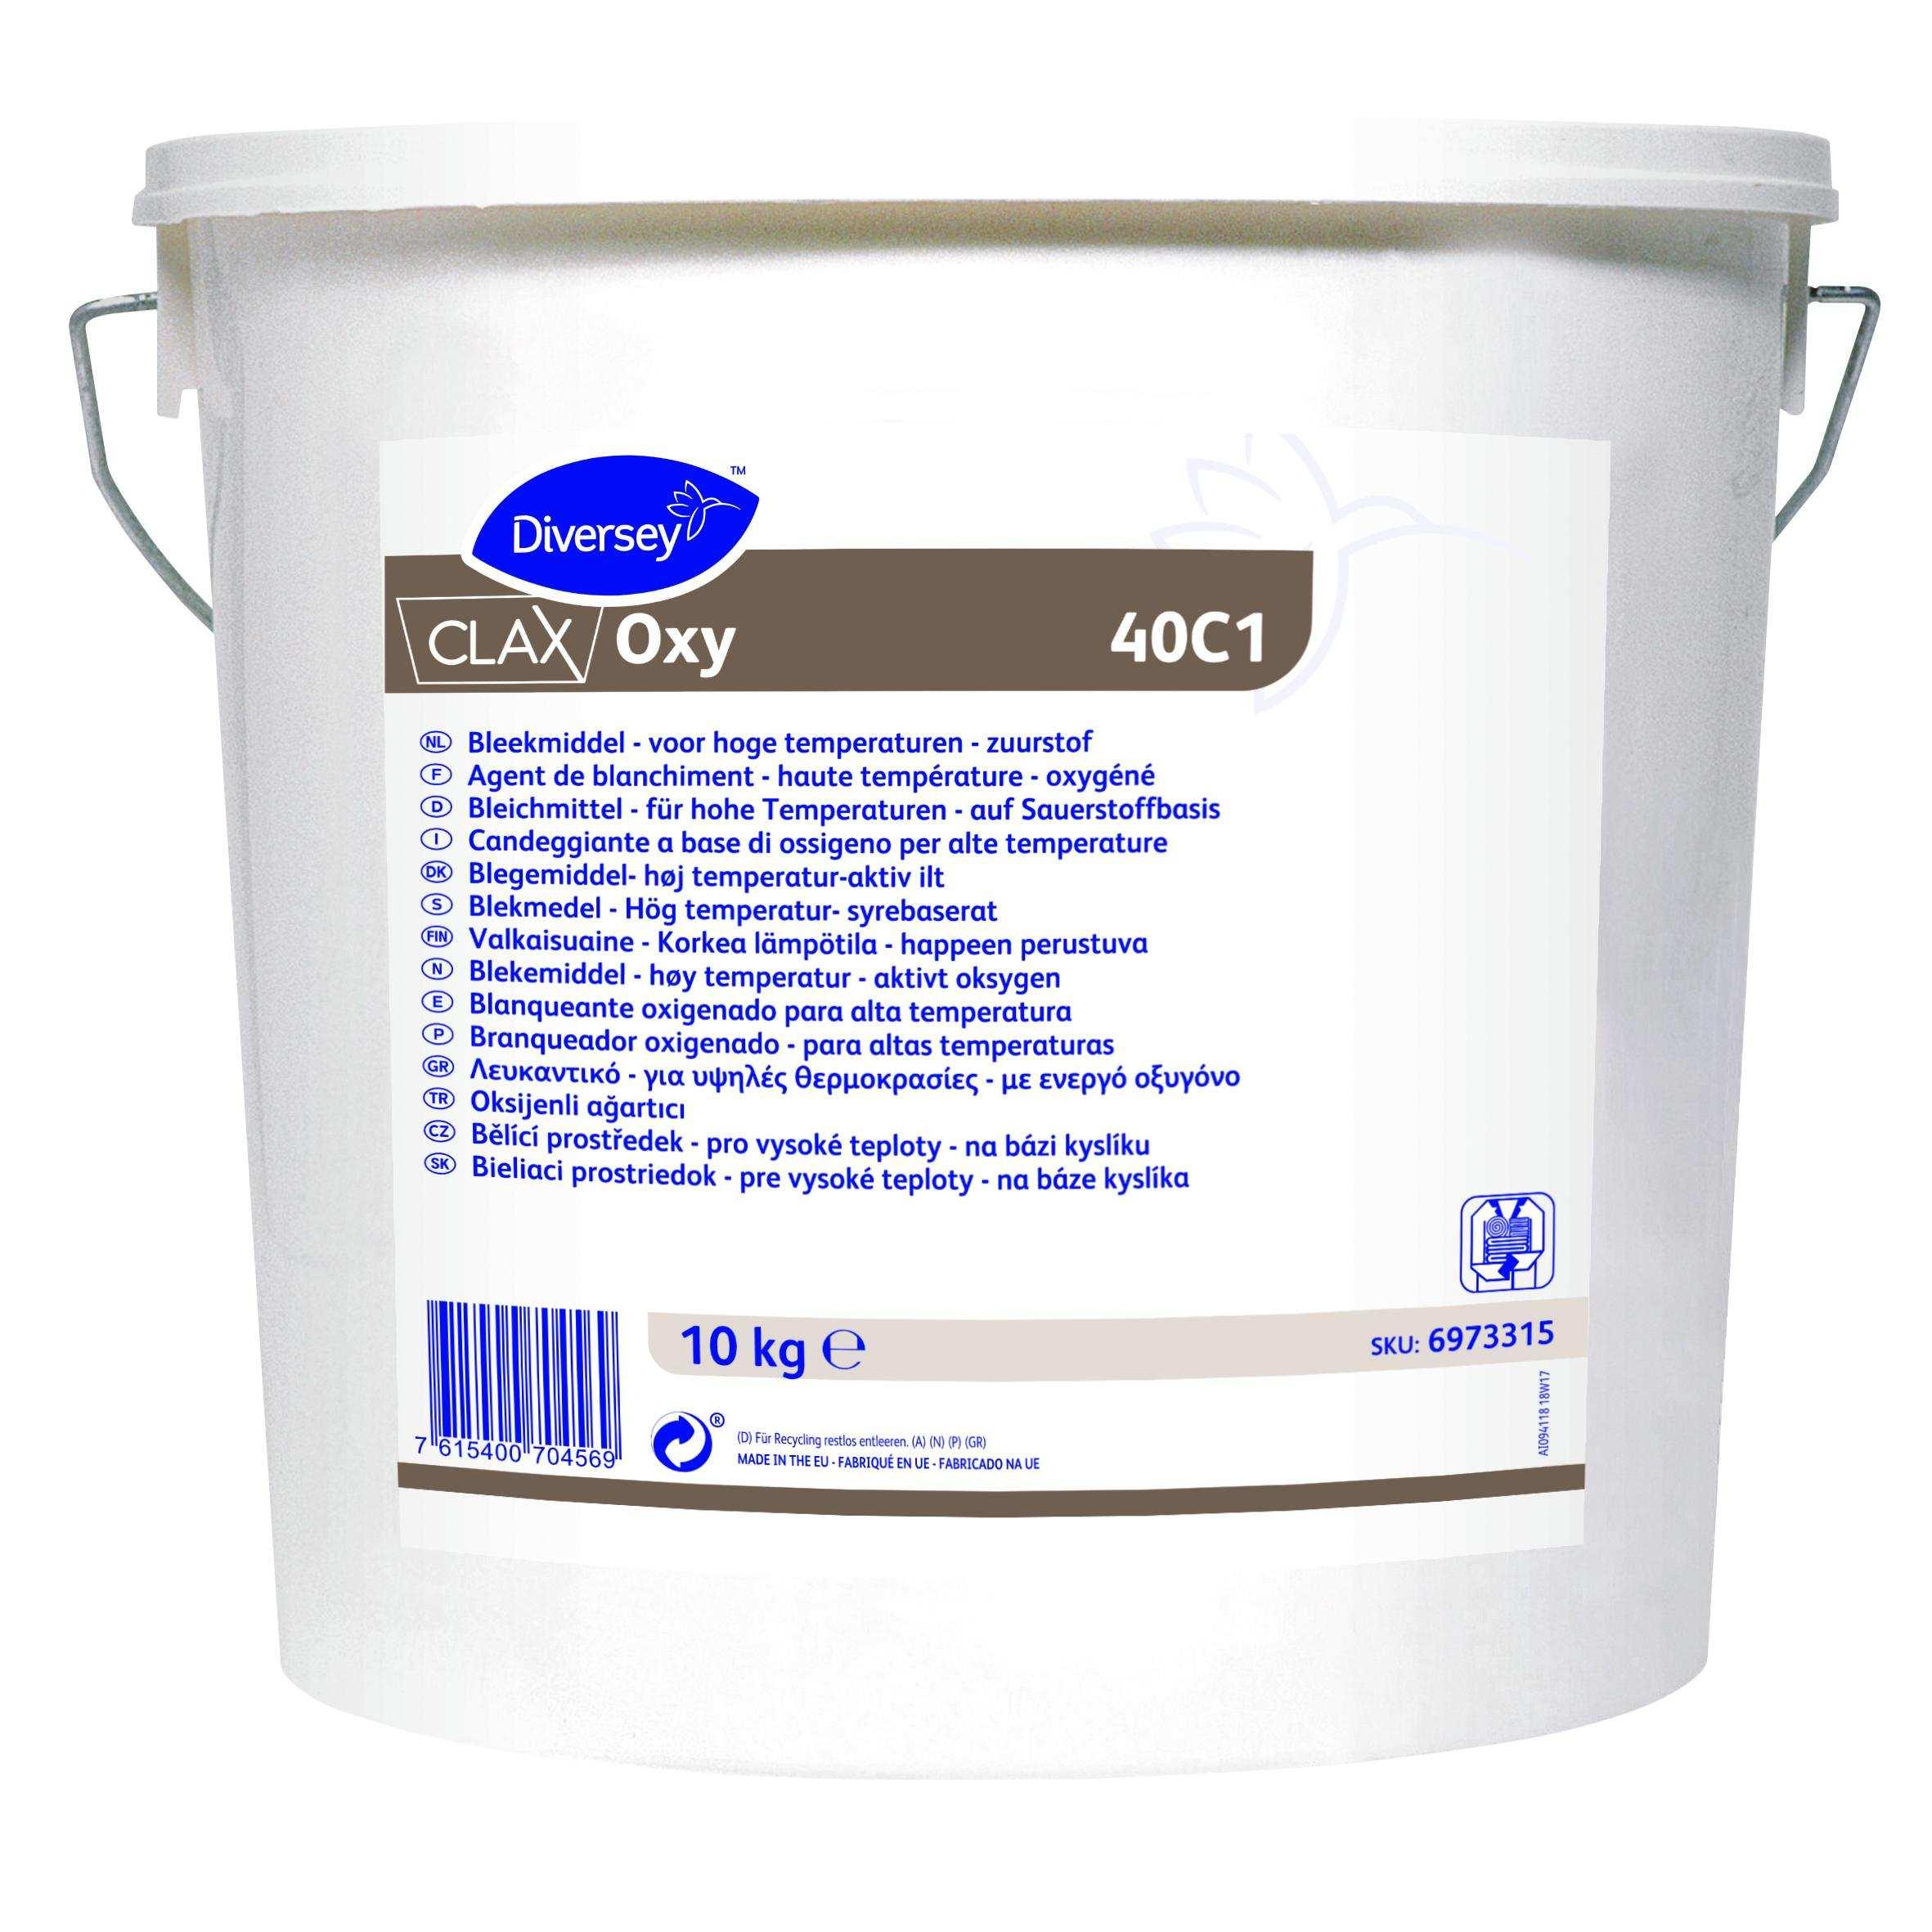 6973315-Clax-Oxy-40C1-10kg-CMYK-20x20cm.jpg